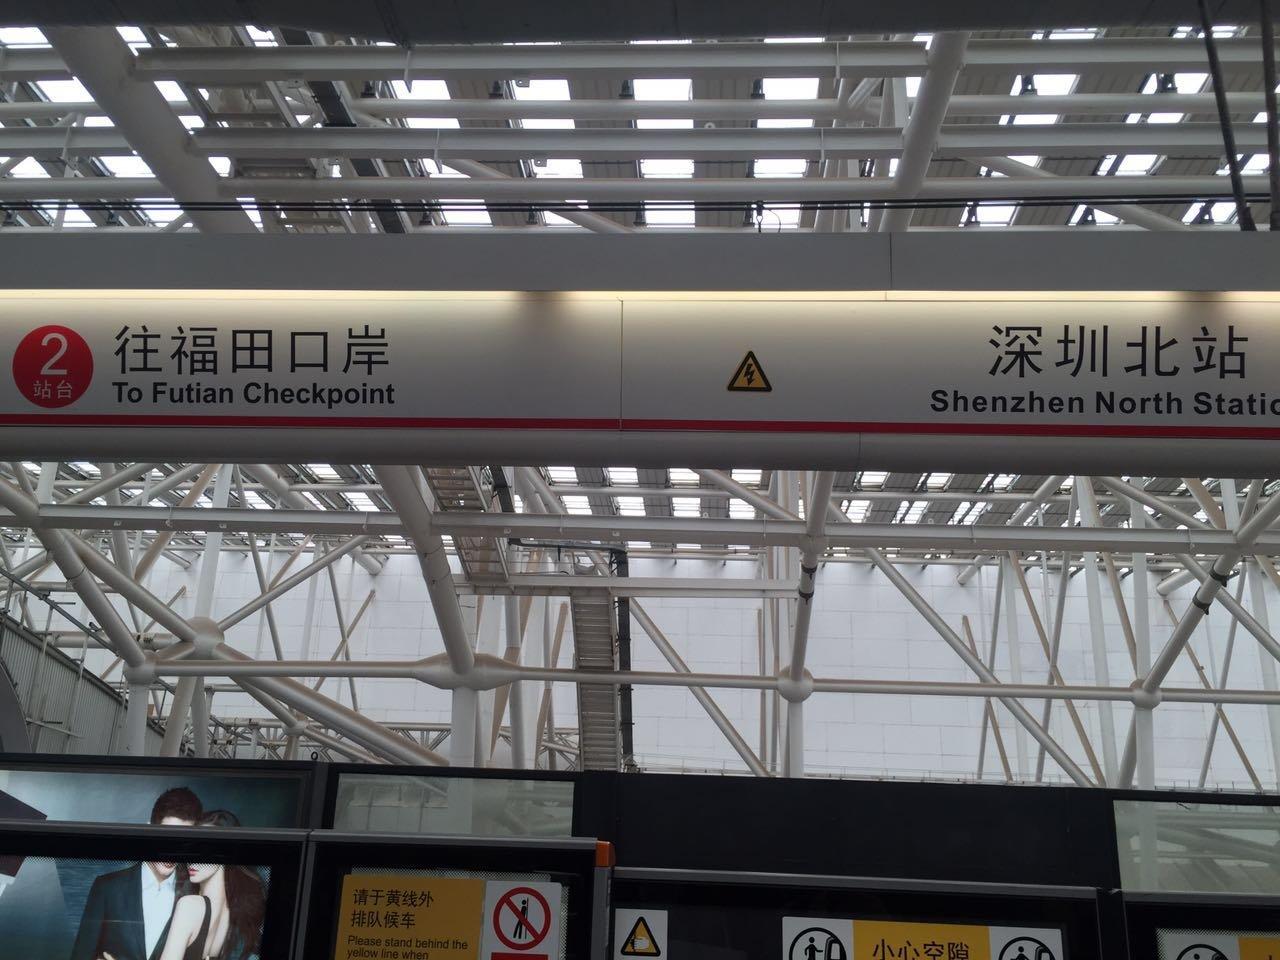 香港澳门特色景点_香港、澳门4日游-香港旅游攻略-游记-去哪儿攻略